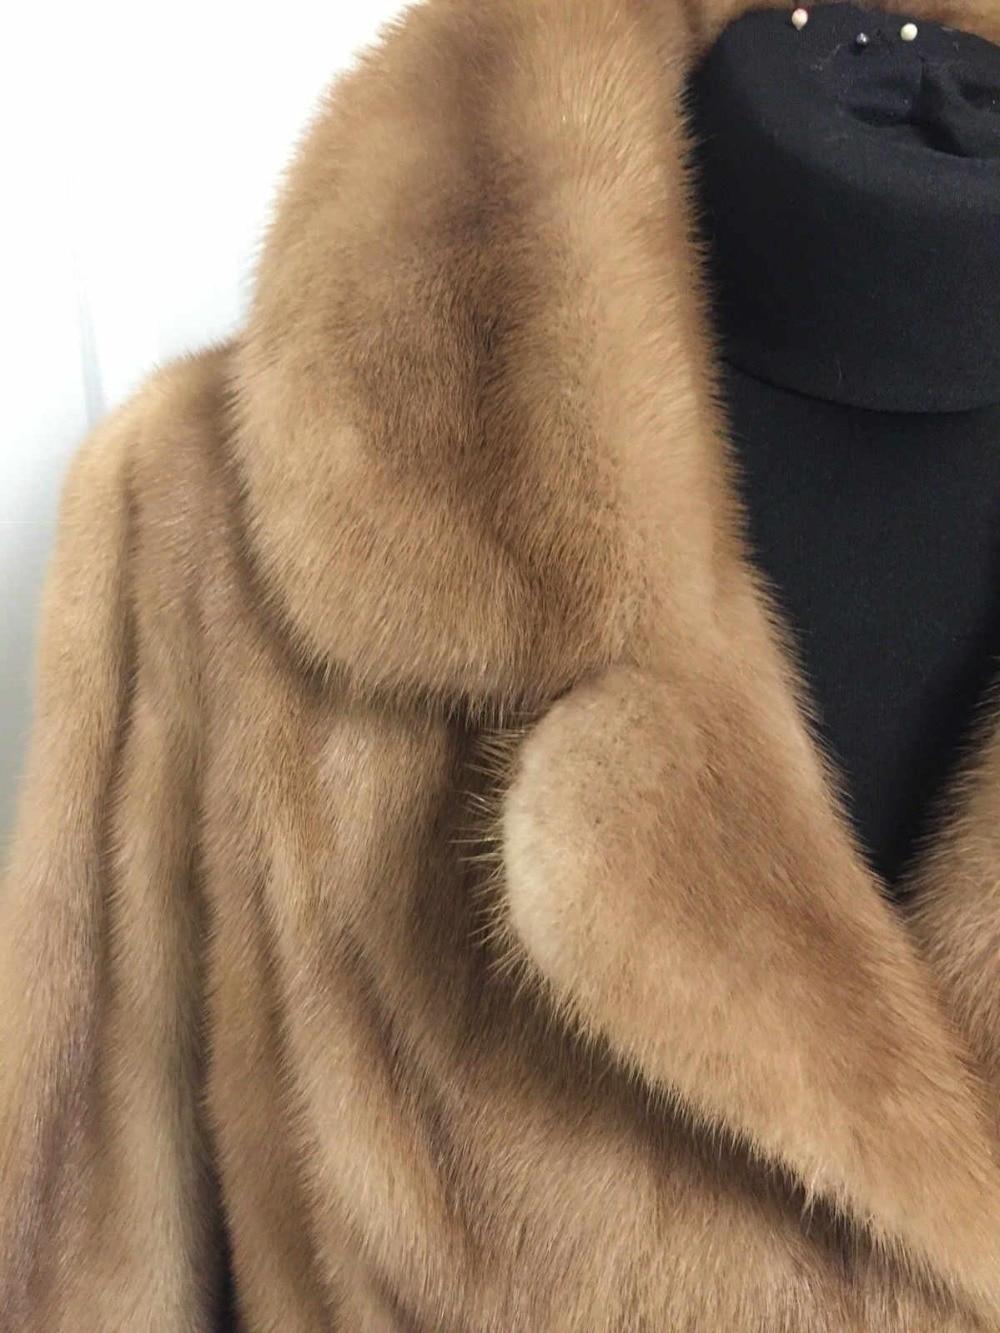 Arlenesain Personnalisé Brun Chunky De Camel Magnifique Veste Mode Nouvelle Fourrure Contraste Femmes Vison 2019 rSrqxadwI